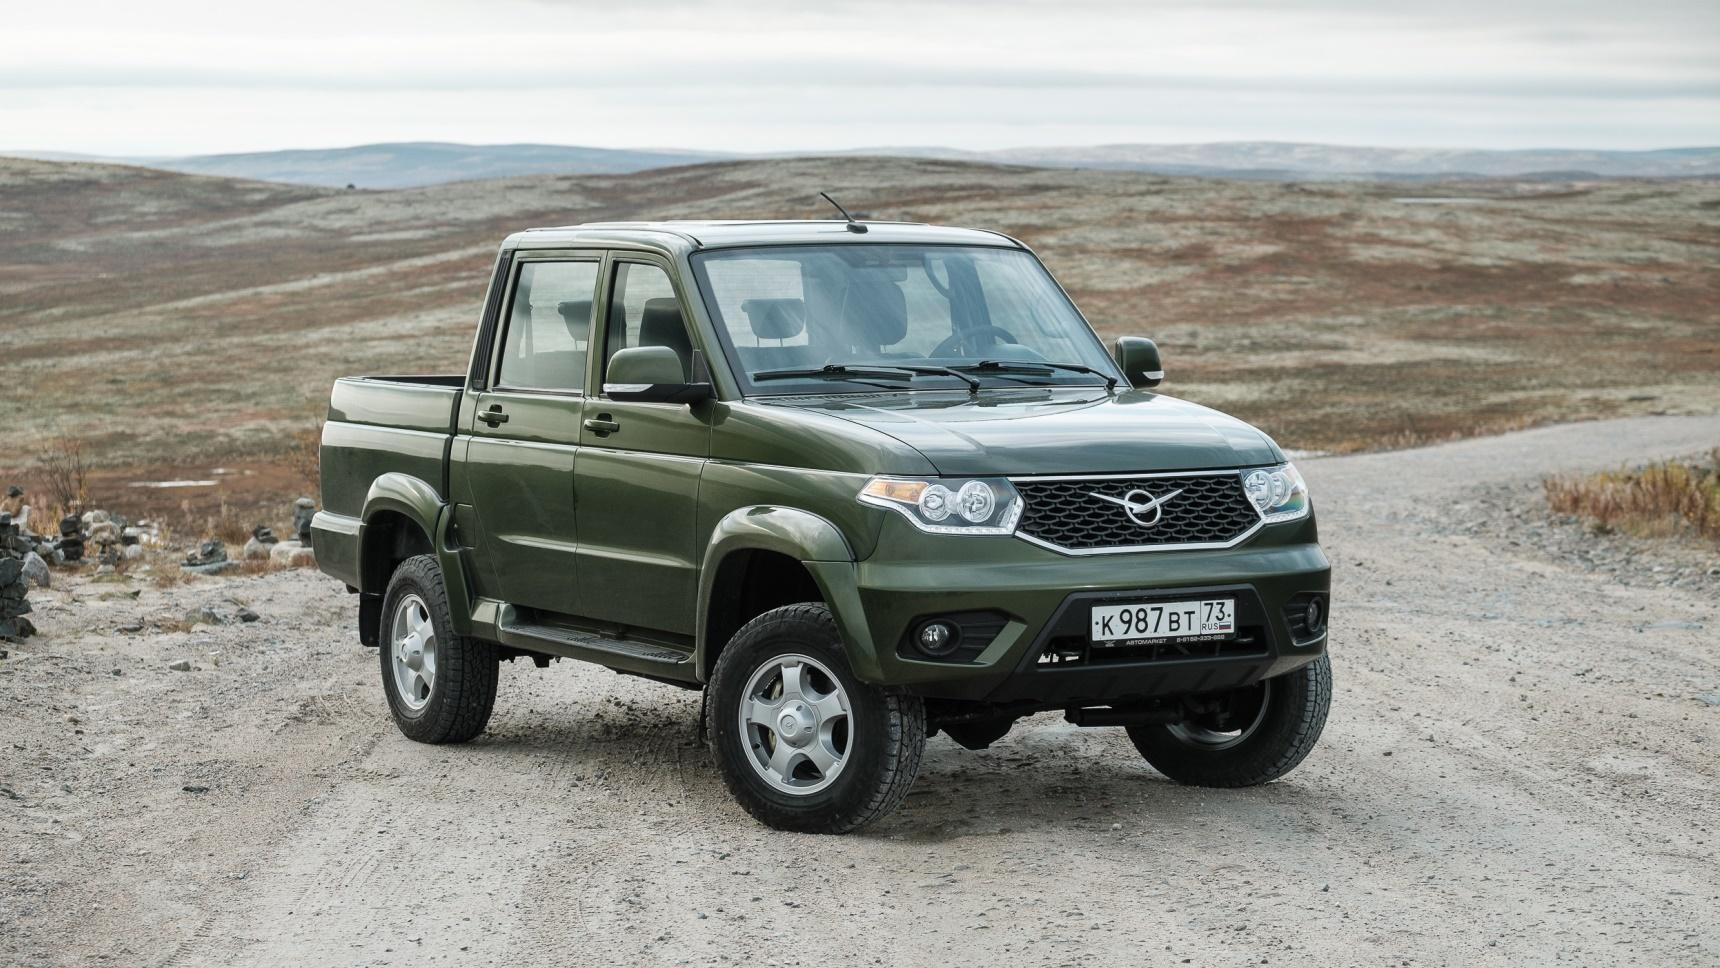 УАЗ «Пикап» поступил в продажу в Иране